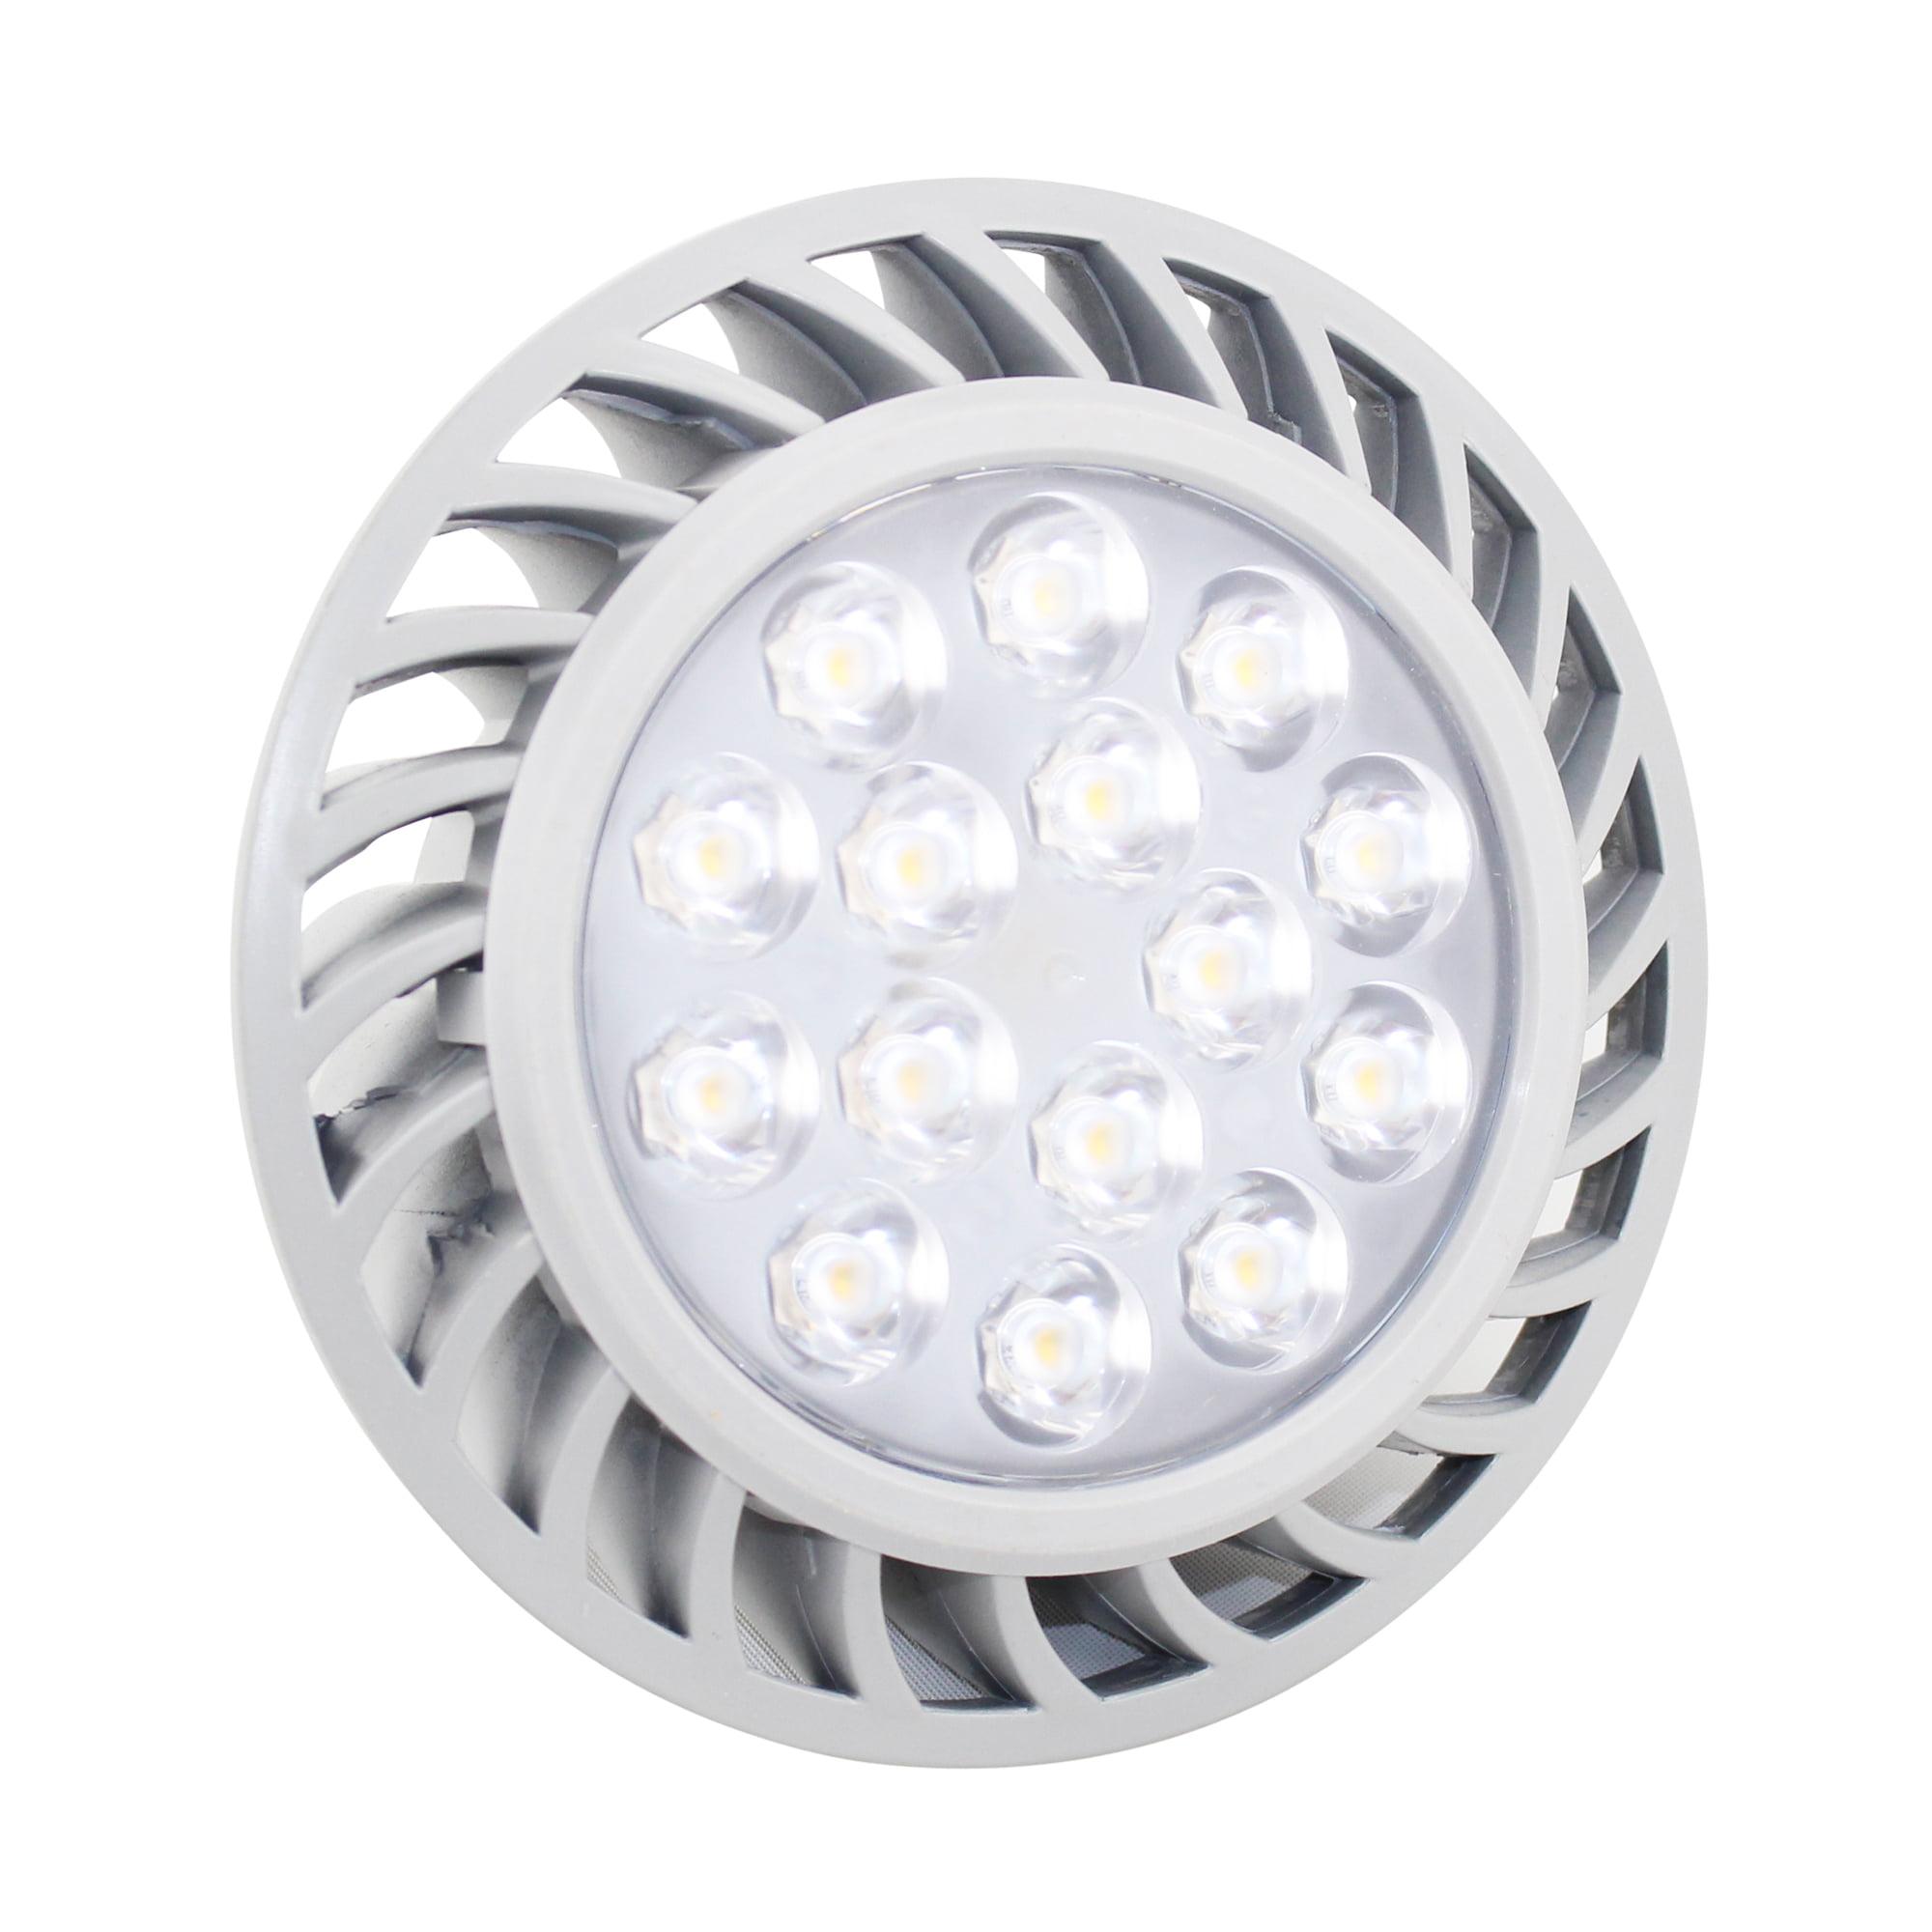 GE Lighting 15139 LED28P38S830/15 28 Watt PAR38 LED Flood...